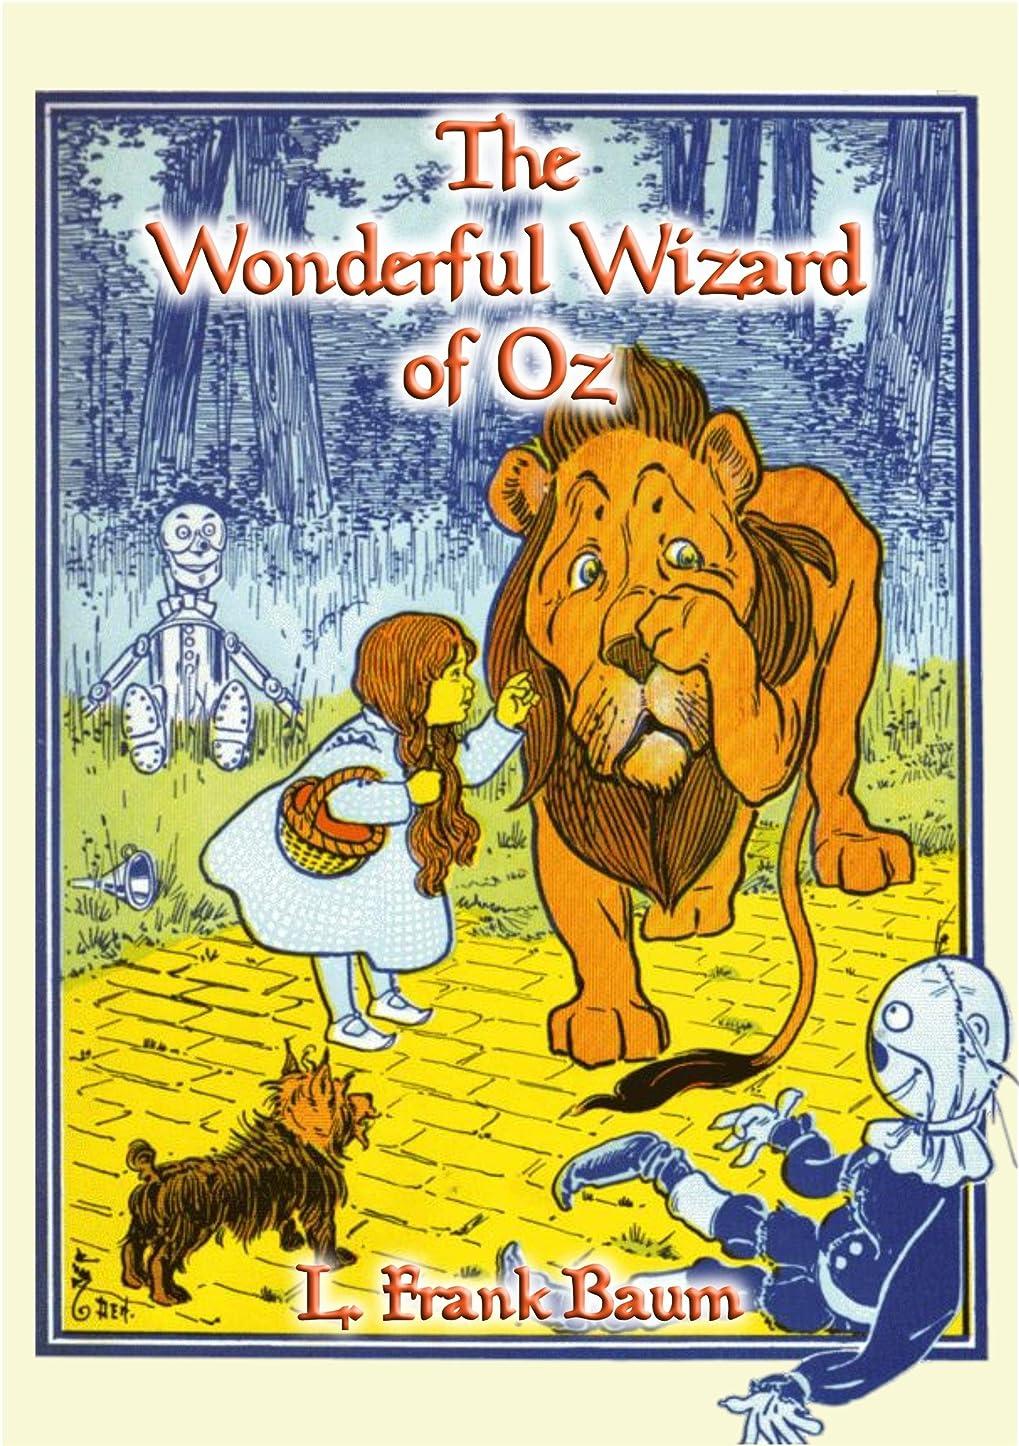 増幅器プロテスタントアセThe Wonderful Wizard of Oz - Book 1 in the Books of Oz series (English Edition)